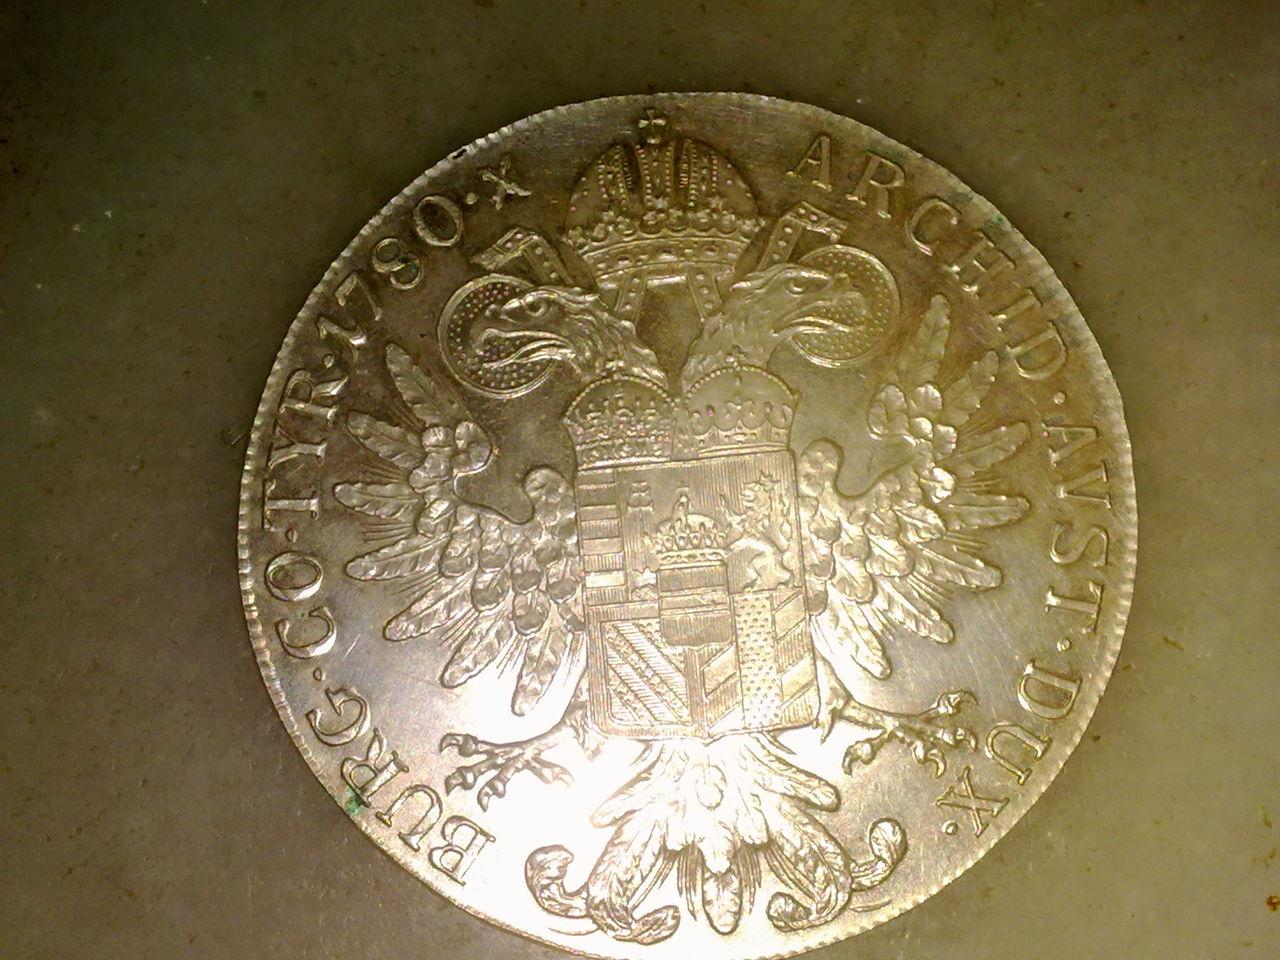 1 Thaler de Maria Teresa. Austria. 1780. Reacuñación.  M_teresa_003